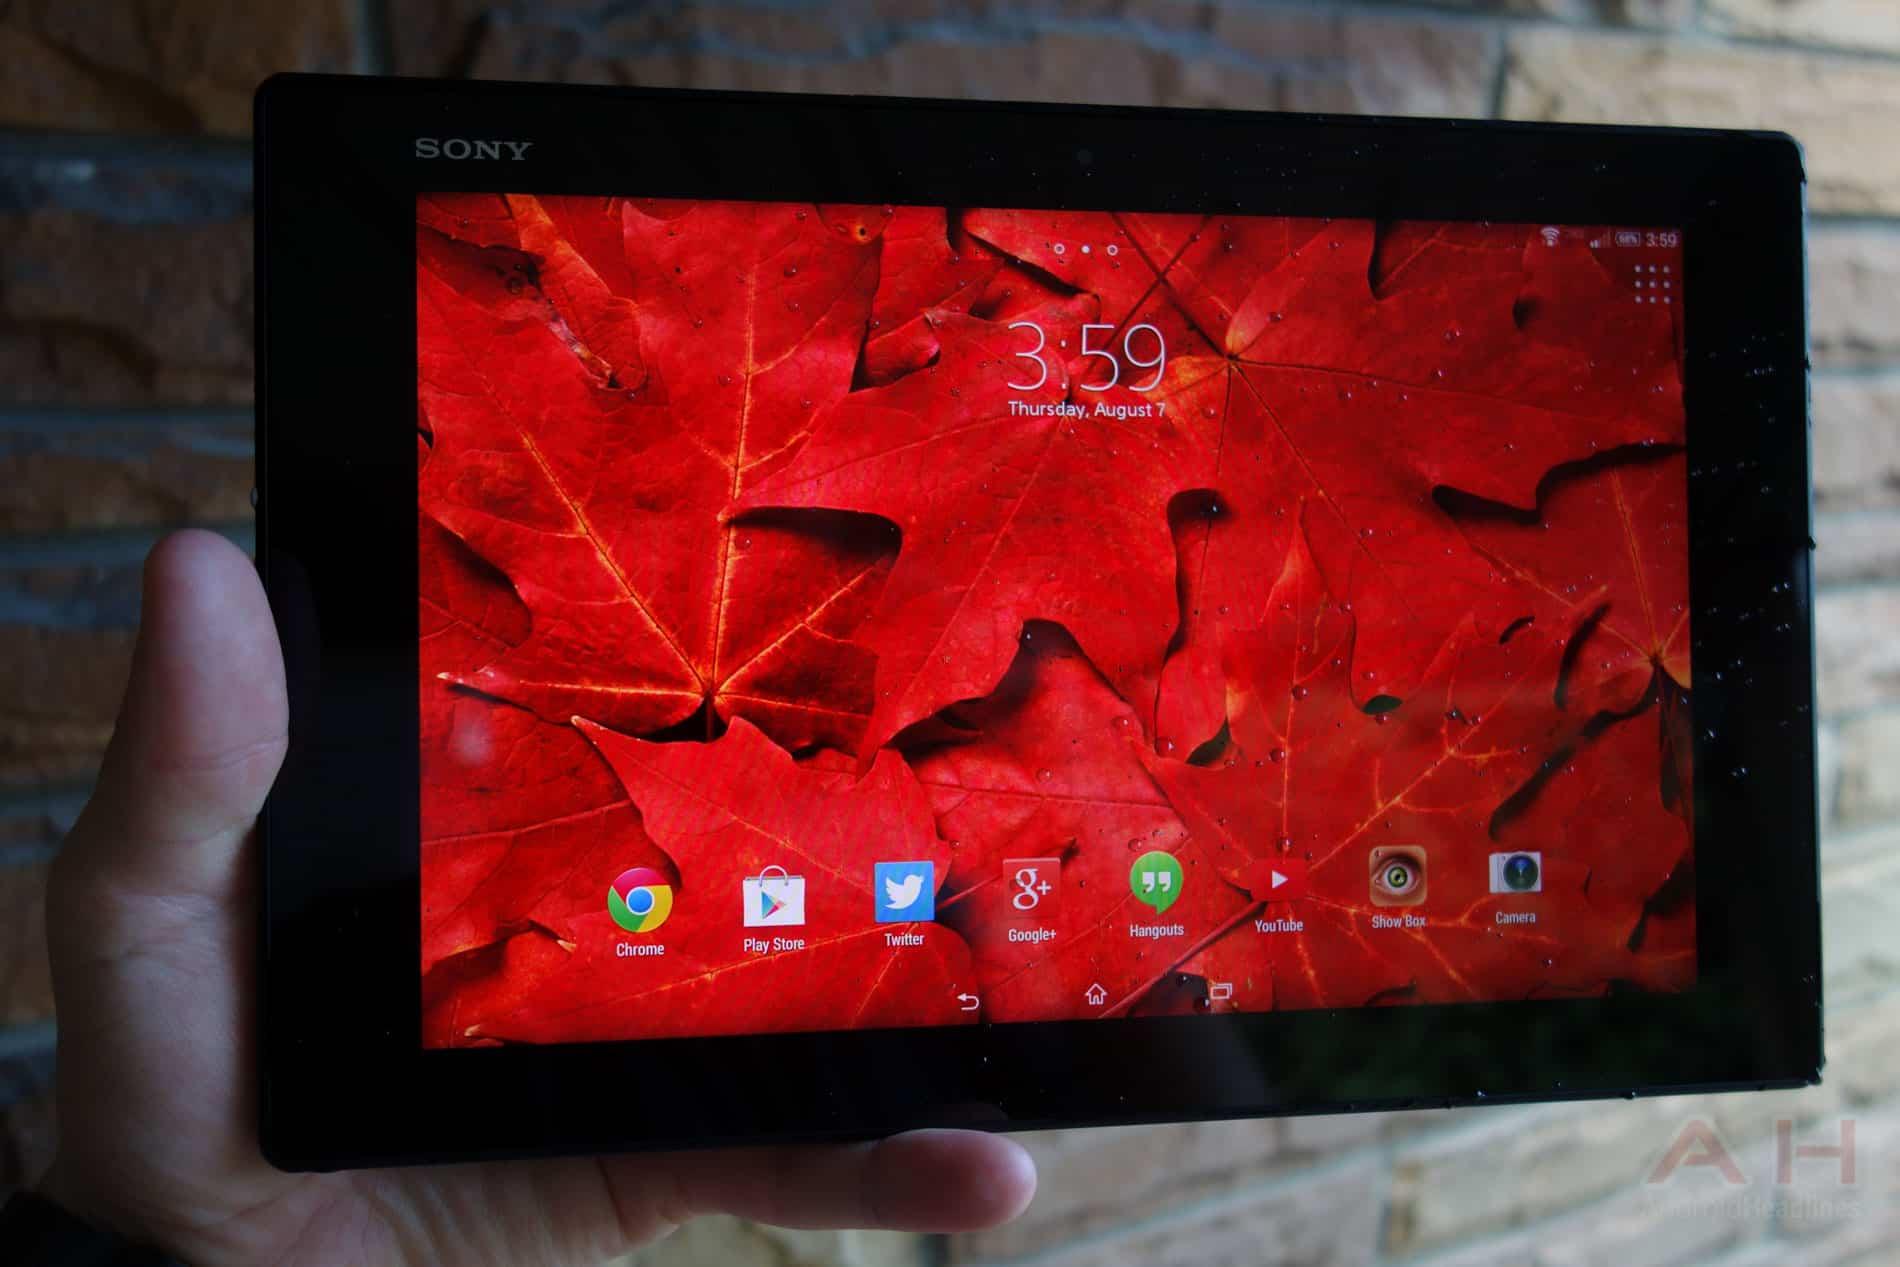 Sony-Xperia-Z2-Tablet-Verizon-AH-24